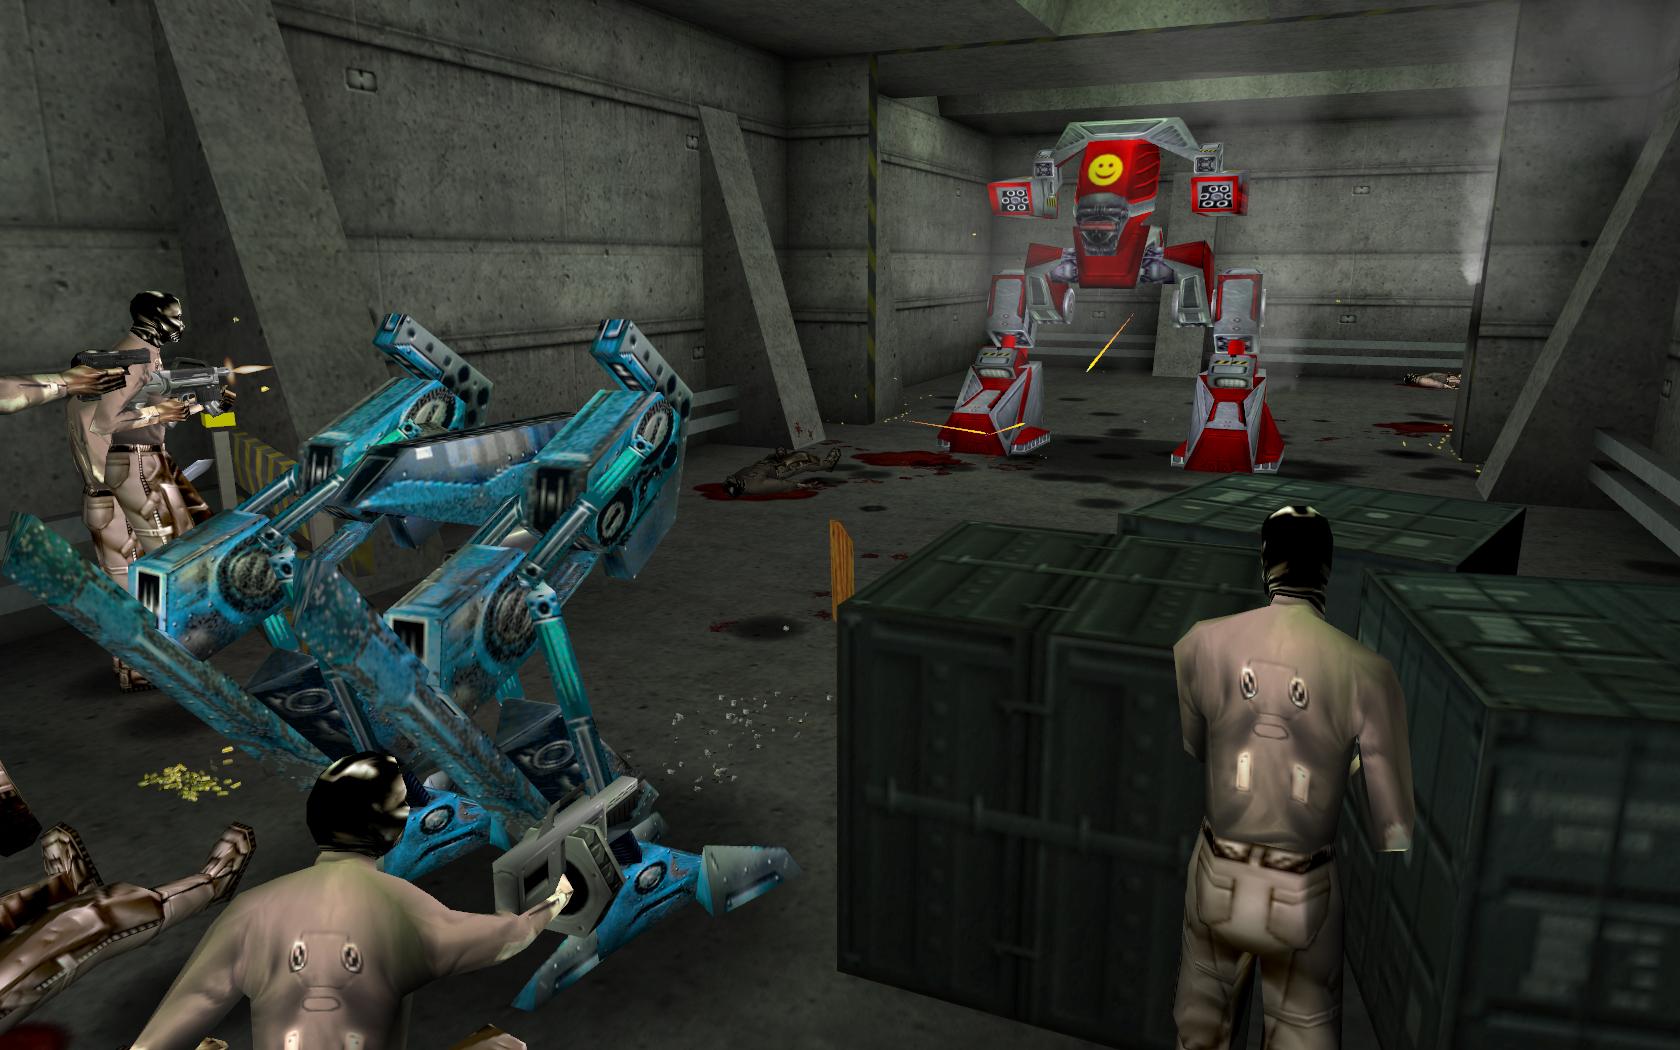 S.M.I.L.E. image - The Nameless Mod for Deus Ex - Mod DB